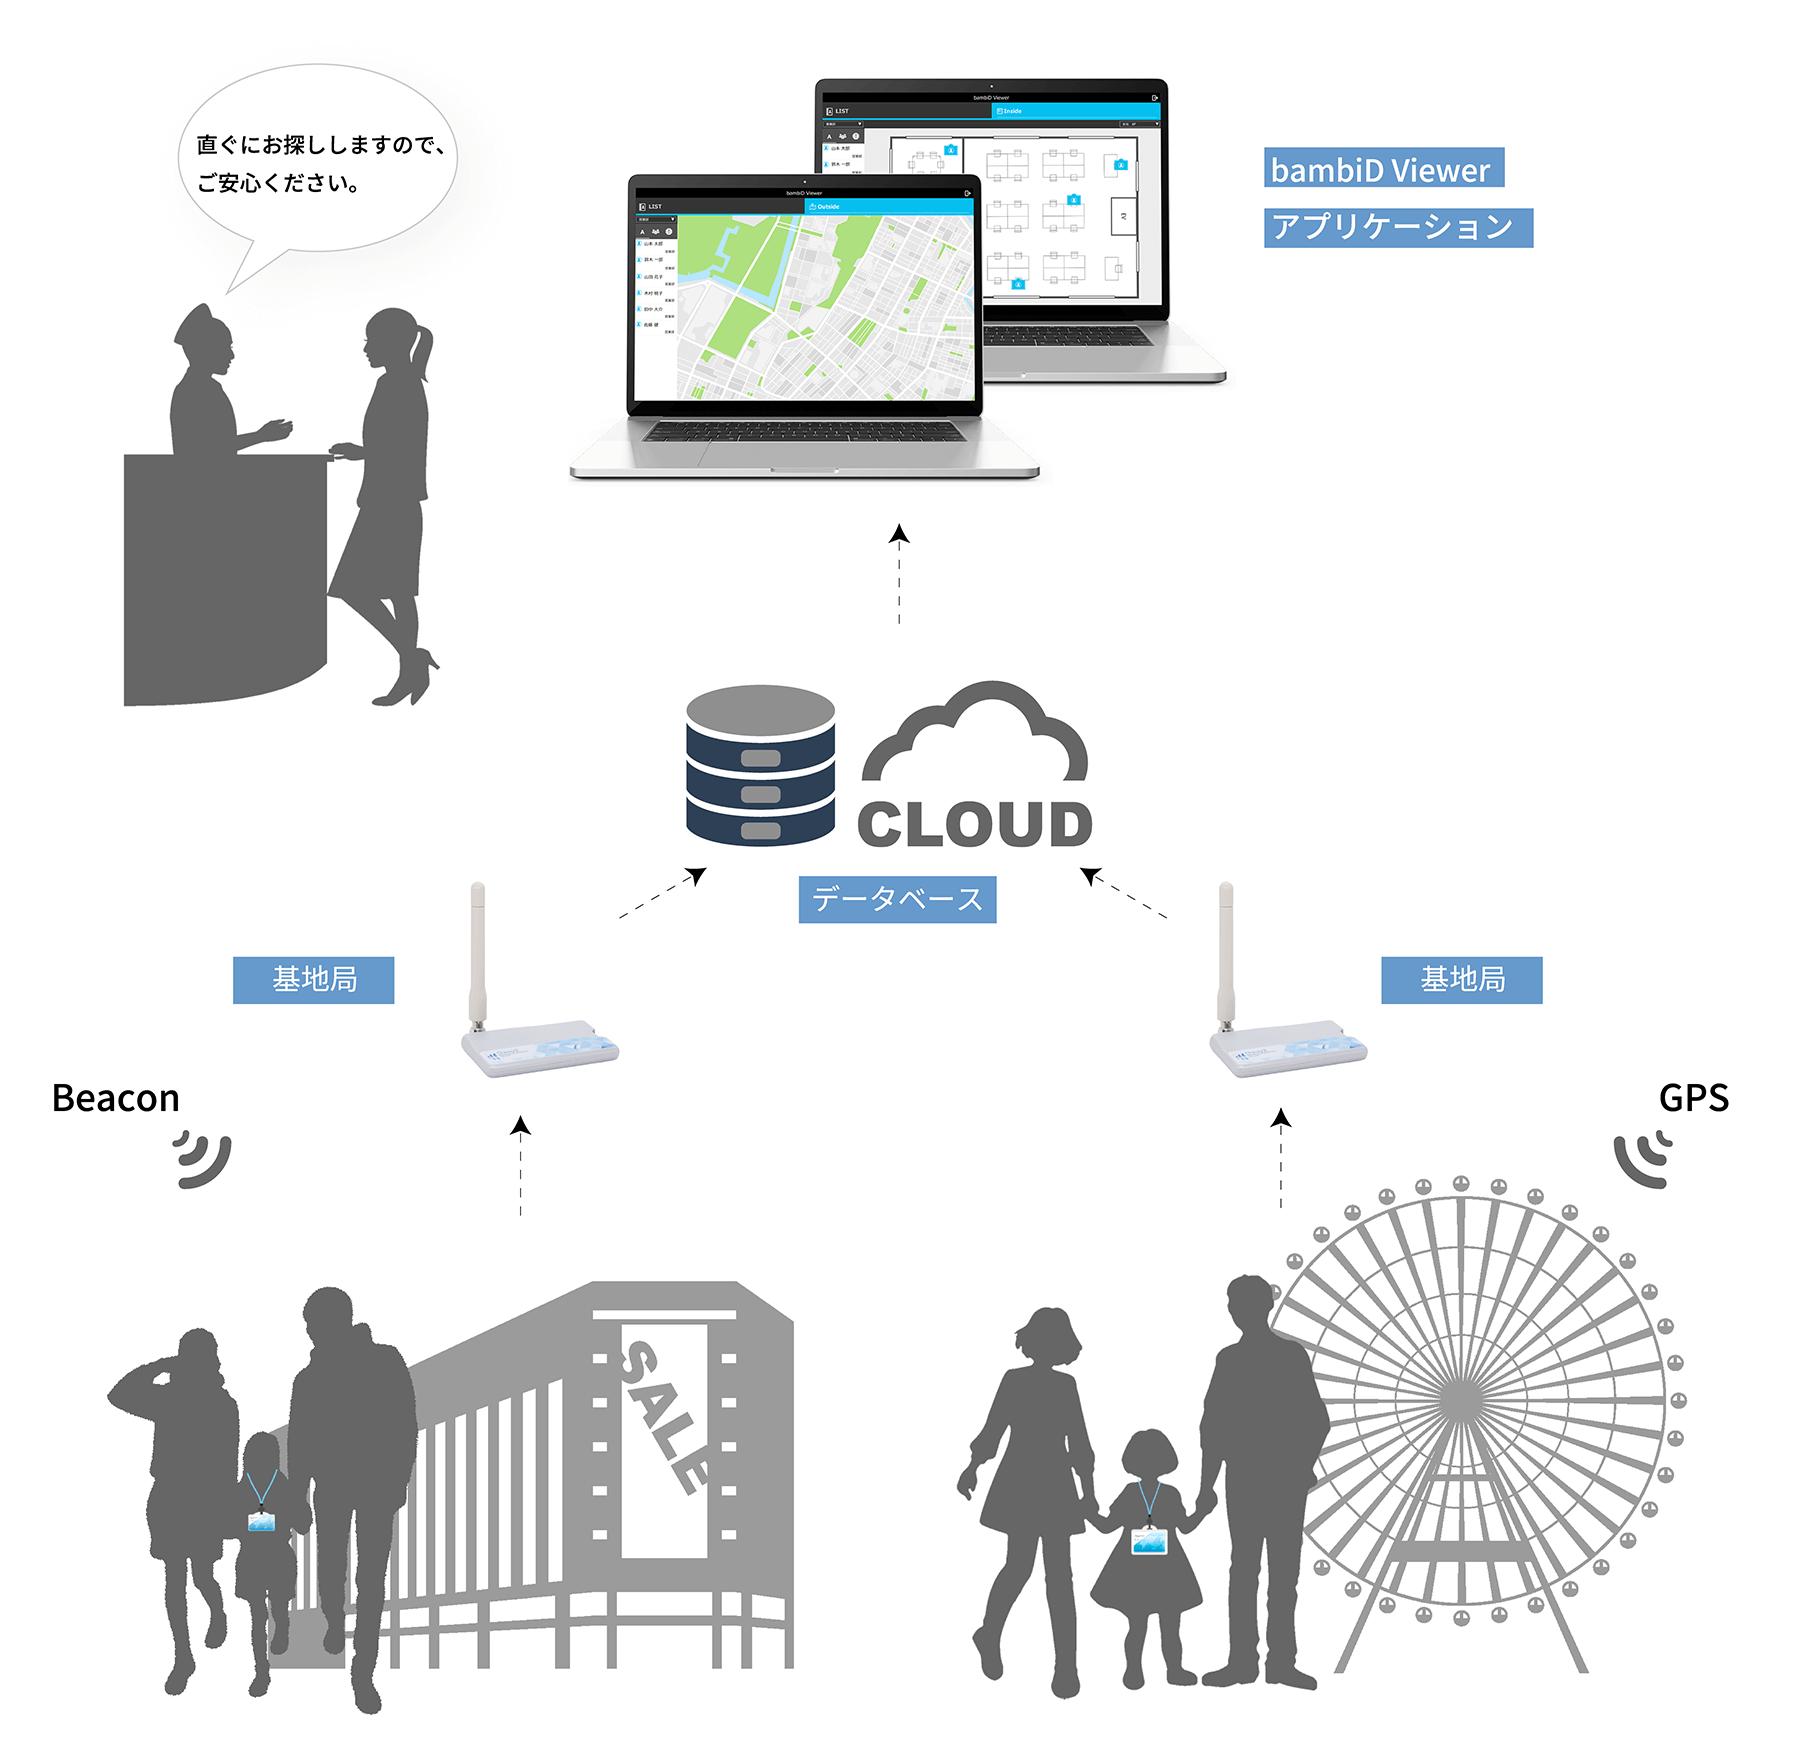 ビジネス 建設現場 屋外 位置情報 IoT活用のイメージ画像